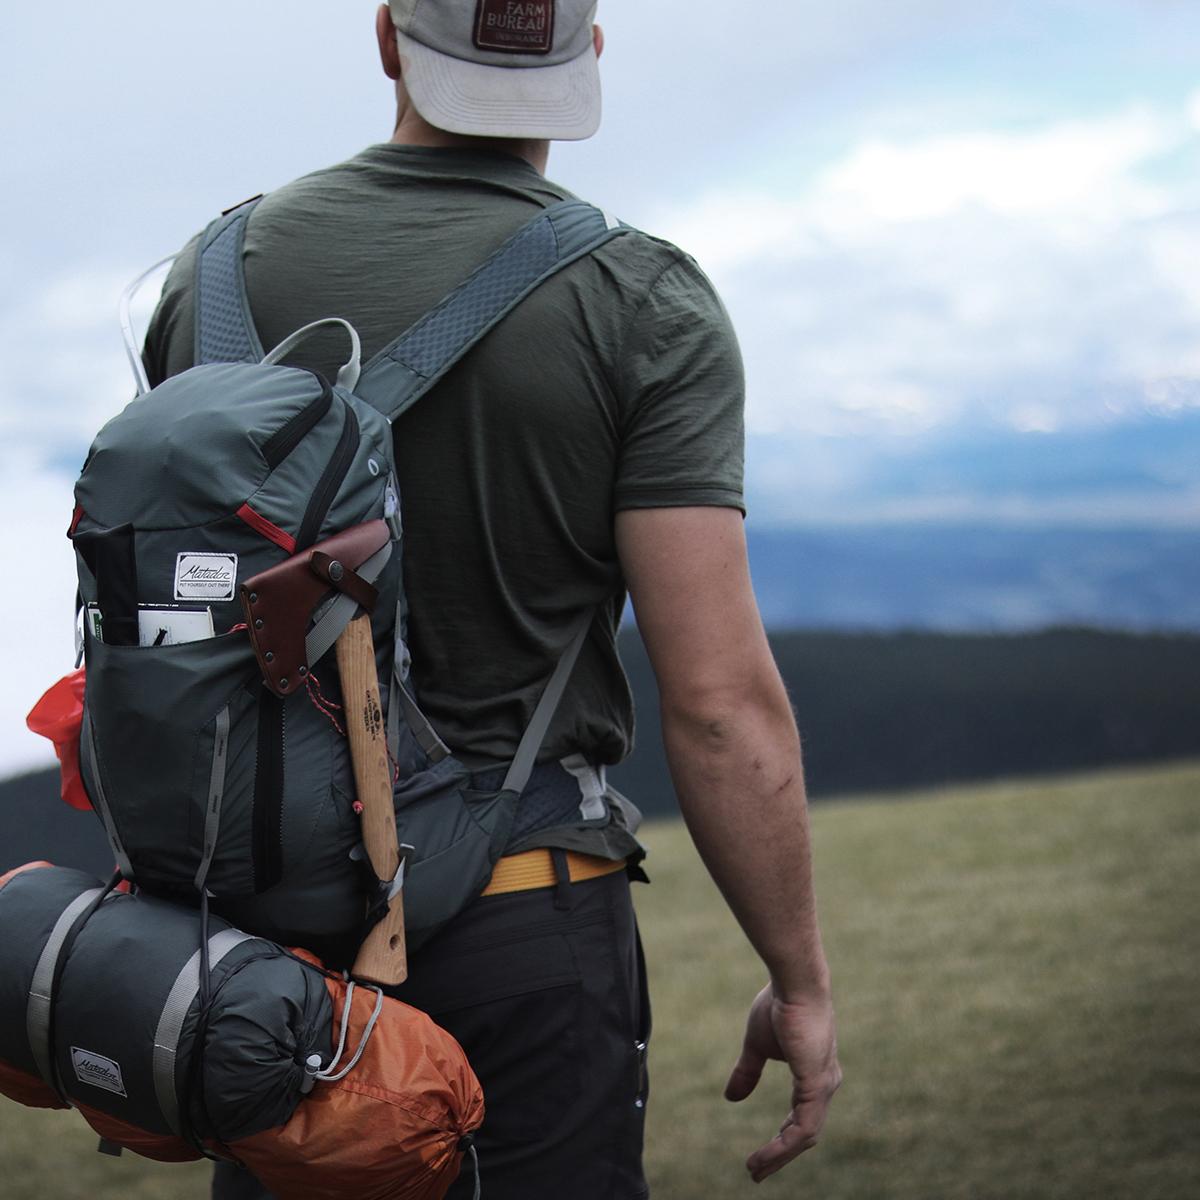 手のひらサイズになる大容量バッグ|本格的な登山やアウトドアにも使える、防水仕様のバックパック(28リットル)|MATADOR BEAST 28 TECHNICAL PACK